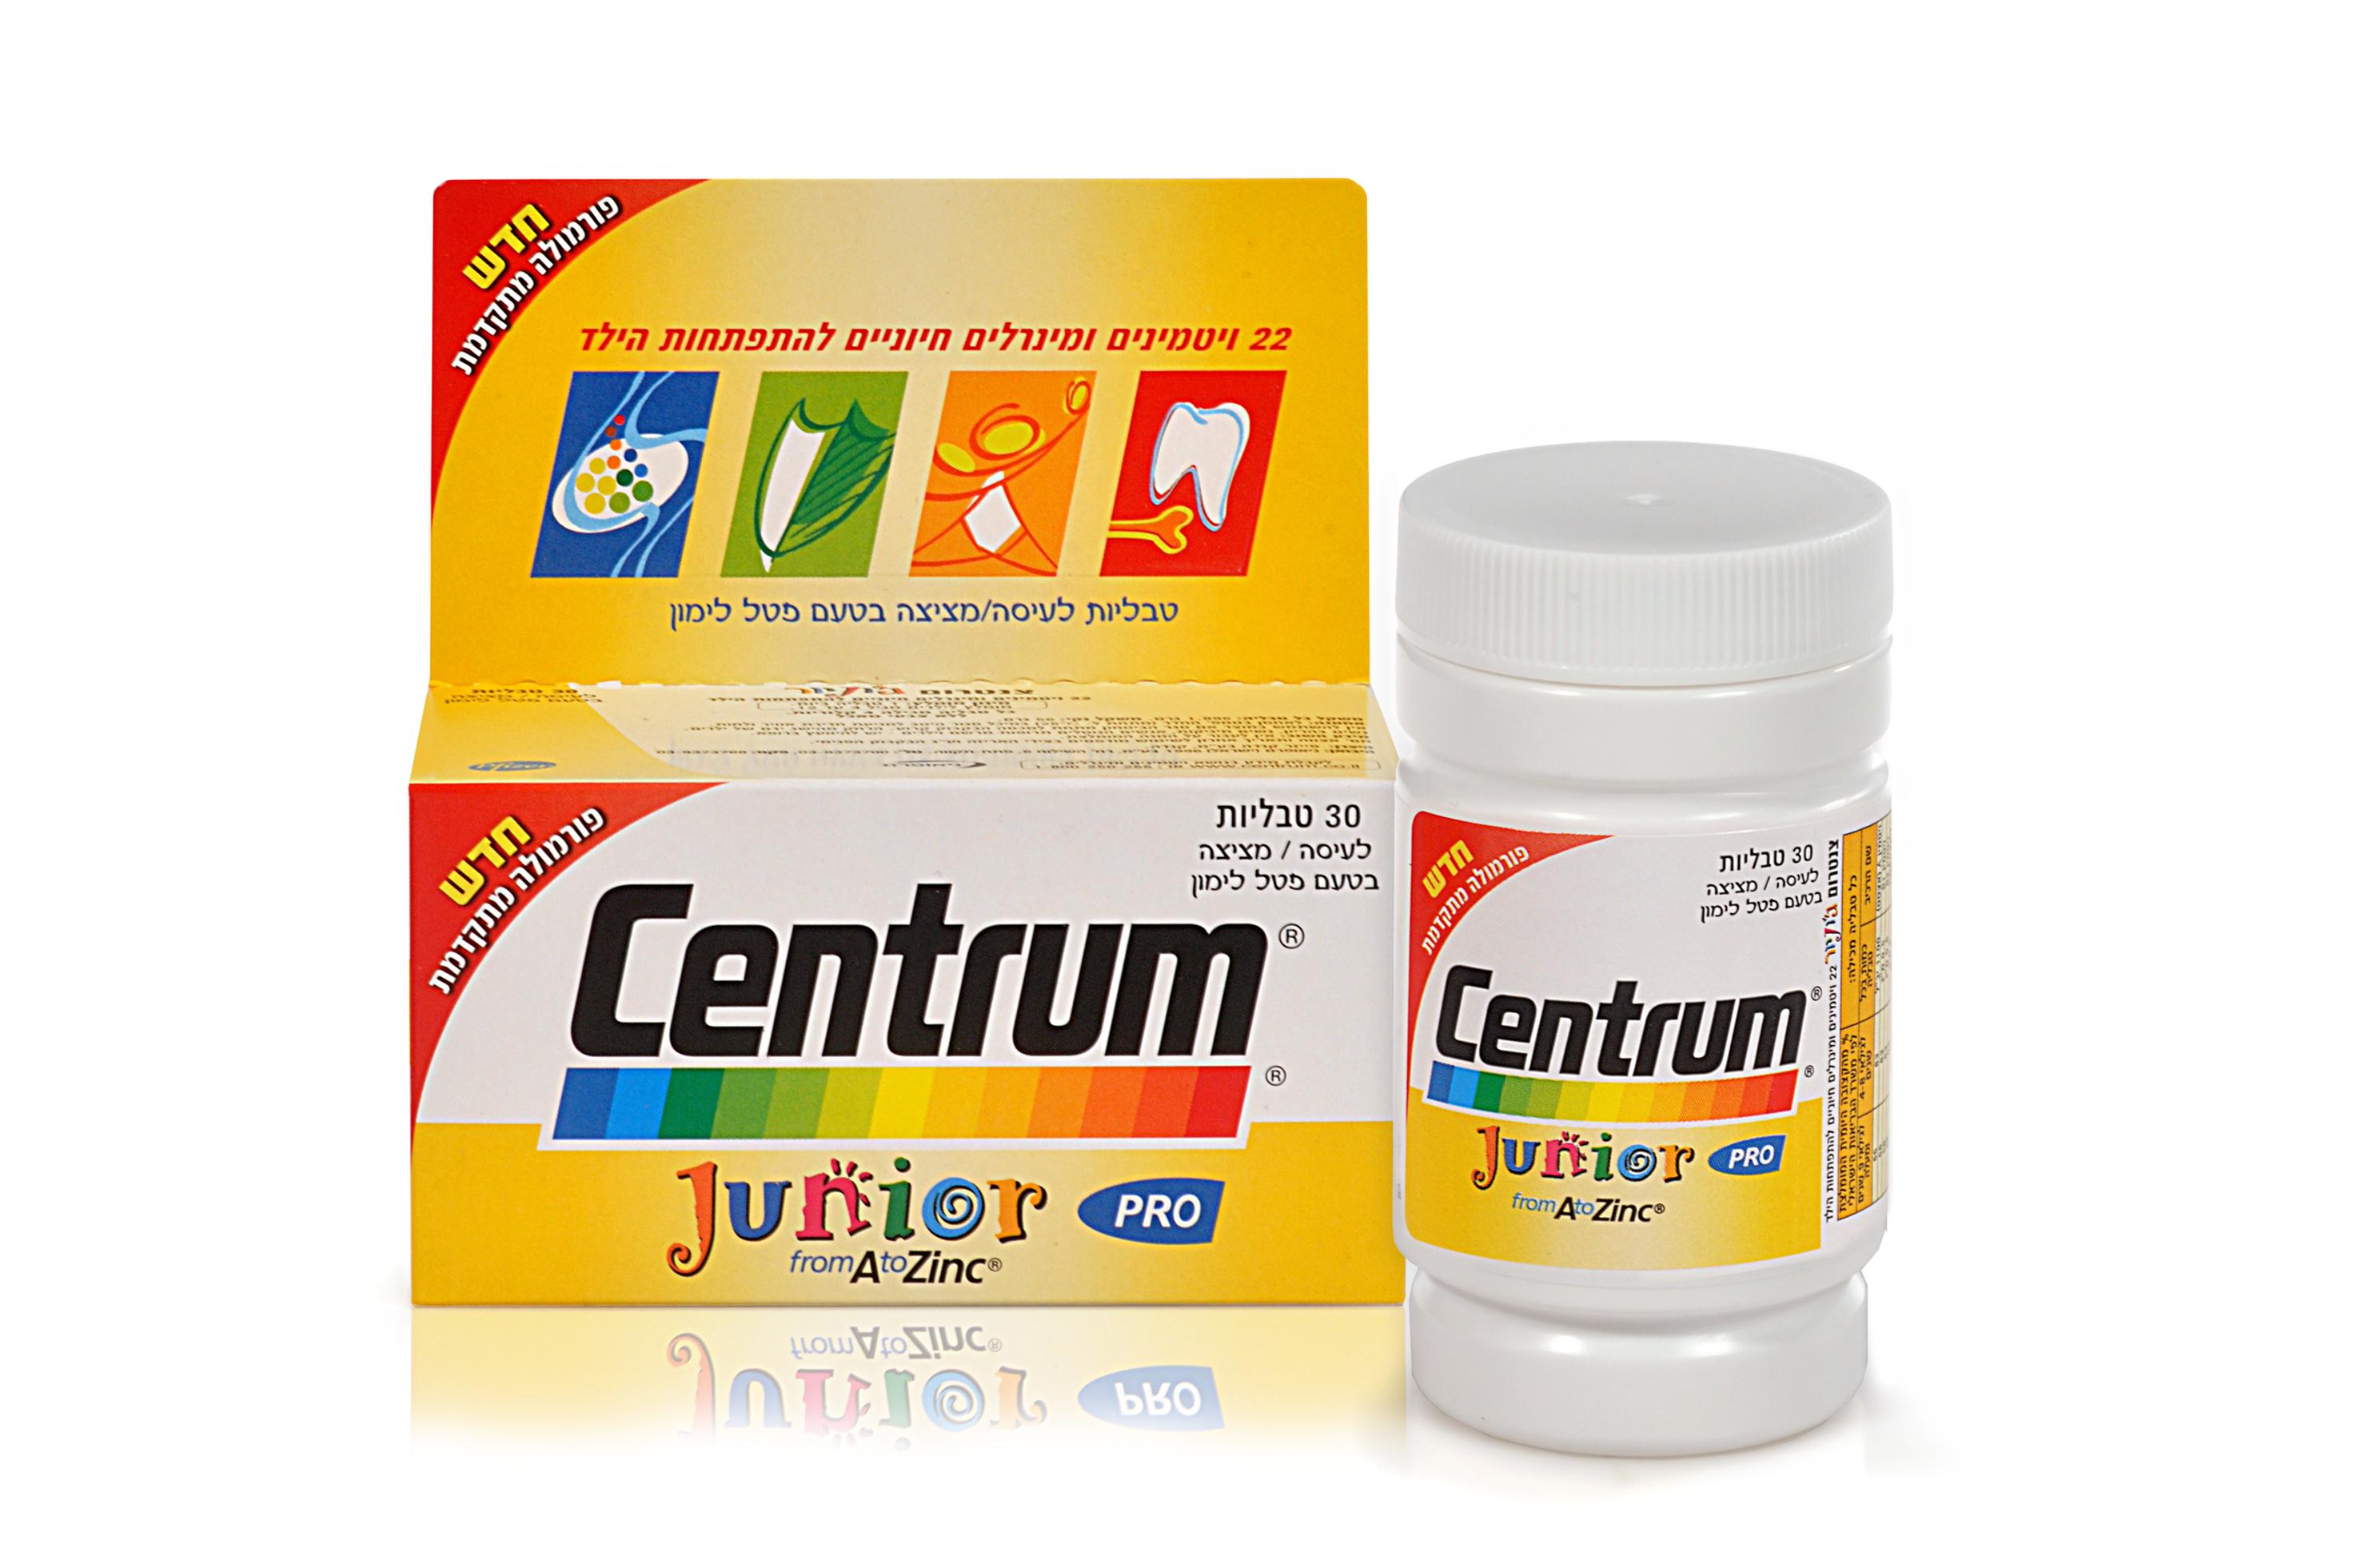 עדכני צנטרום ג'וניור - מולטיויטמין מותאם לילדים מכיל 22 ויטמינים MG-16